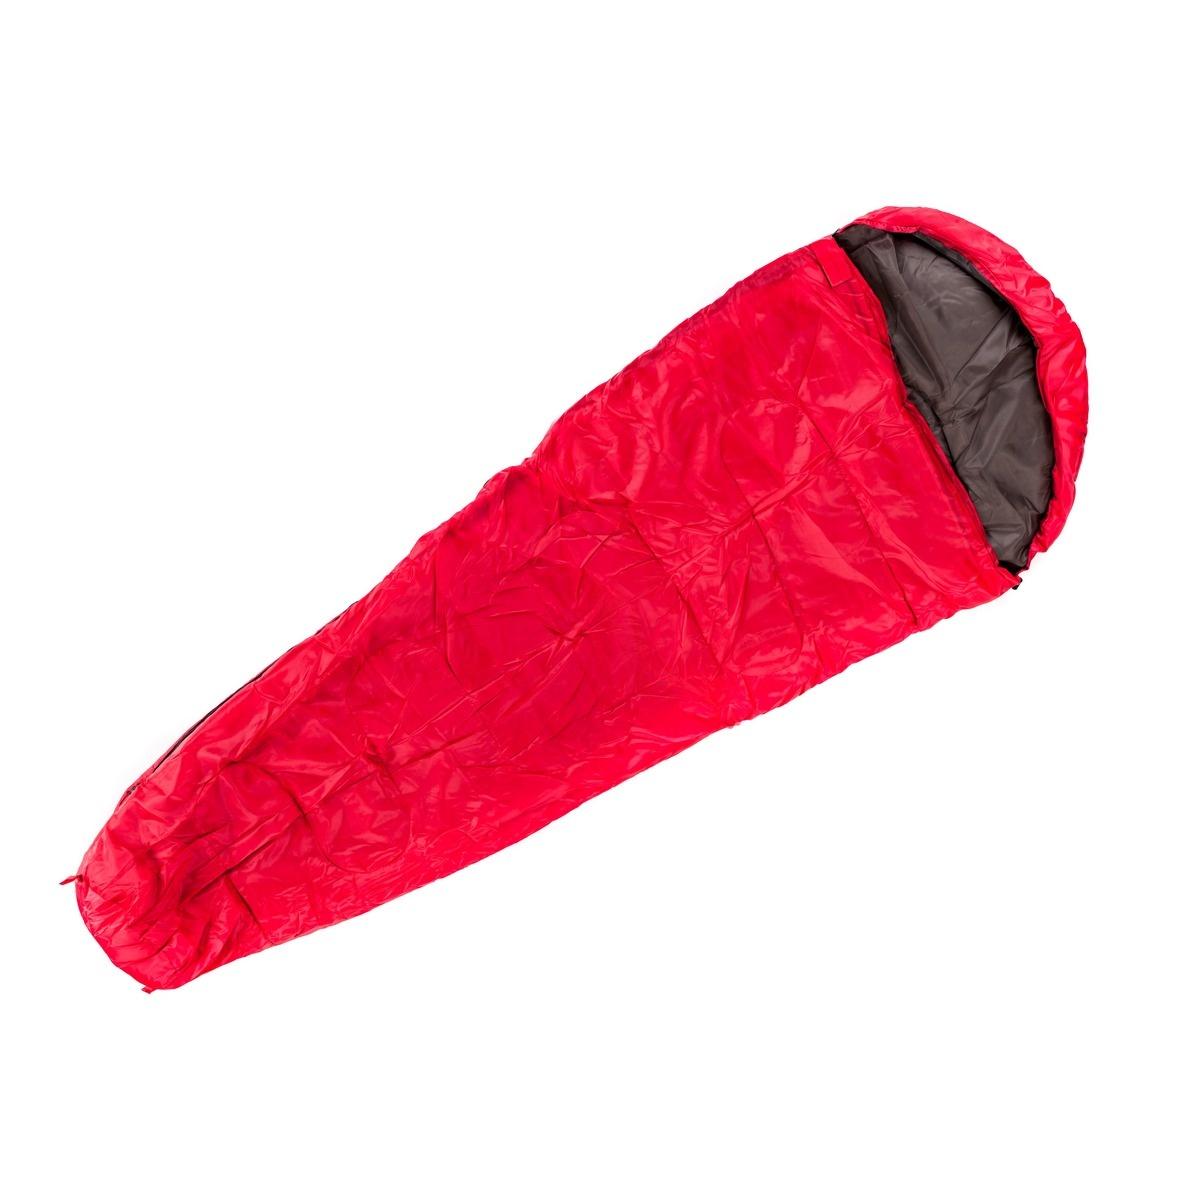 Nawalla Sac de dormit tip mumie roșu, 5 °C imagine 2021 e4home.ro